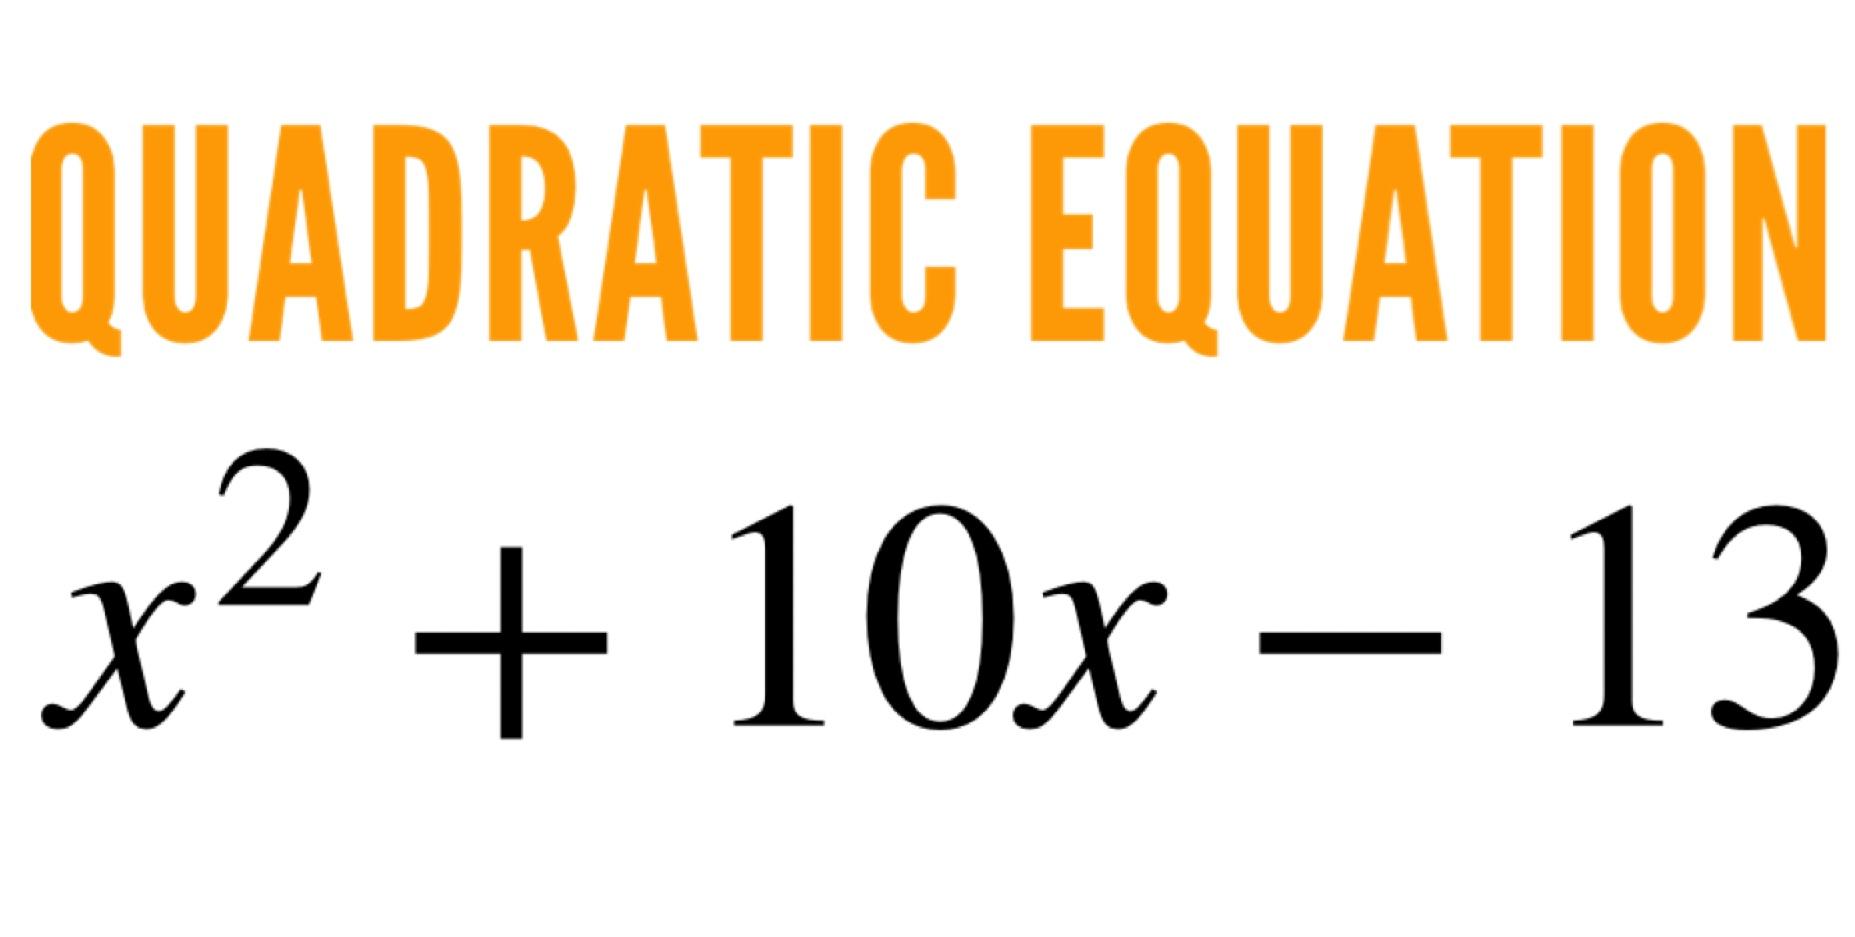 The Quadratic Equations 3